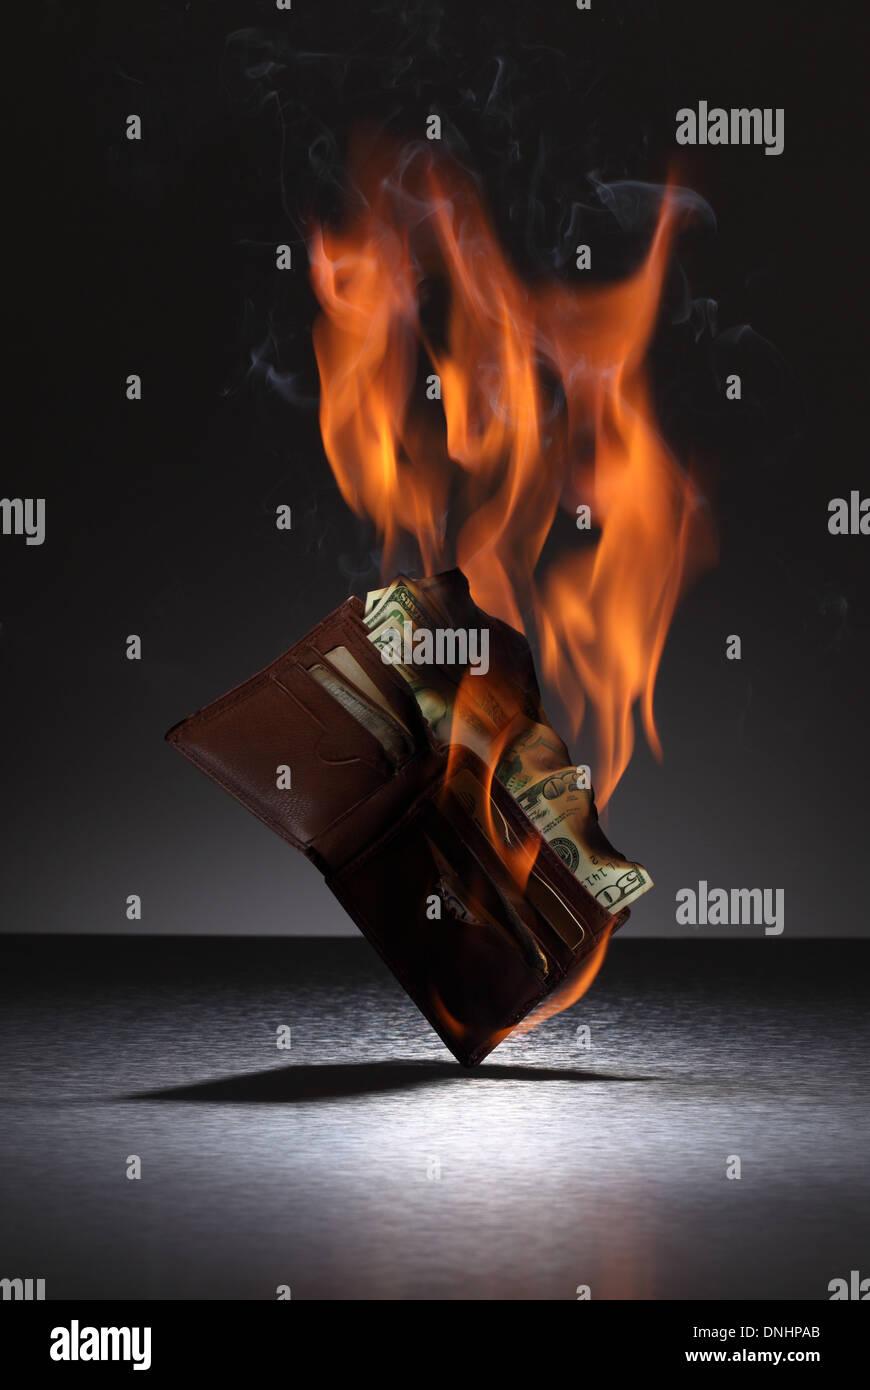 Un portefeuille en cuir brun rempli de cartes de crédit et de l'argent sur le feu. Photo Stock